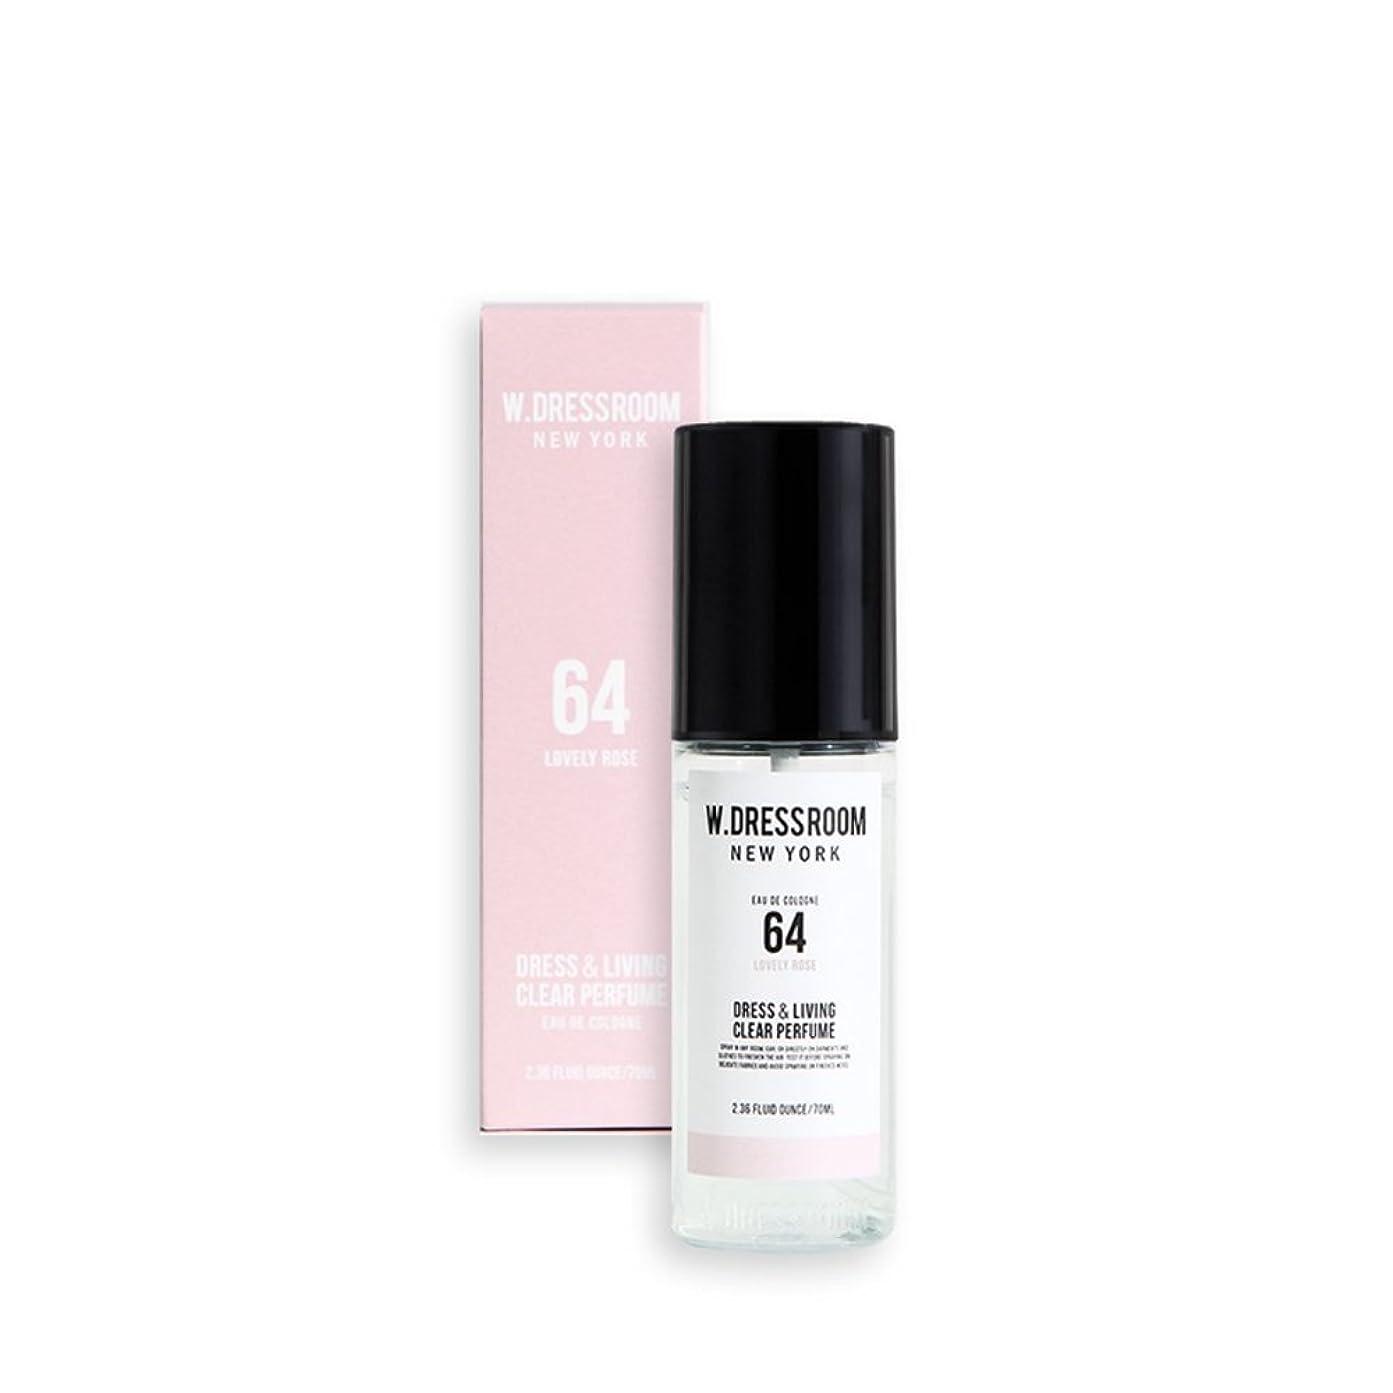 ペグ子犬受付W.DRESSROOM Dress & Living Clear Perfume fragrance 70ml (#No.64 Lovely Rose)/ダブルドレスルーム ドレス&リビング クリア パフューム 70ml (#No.64 Lovely Rose)